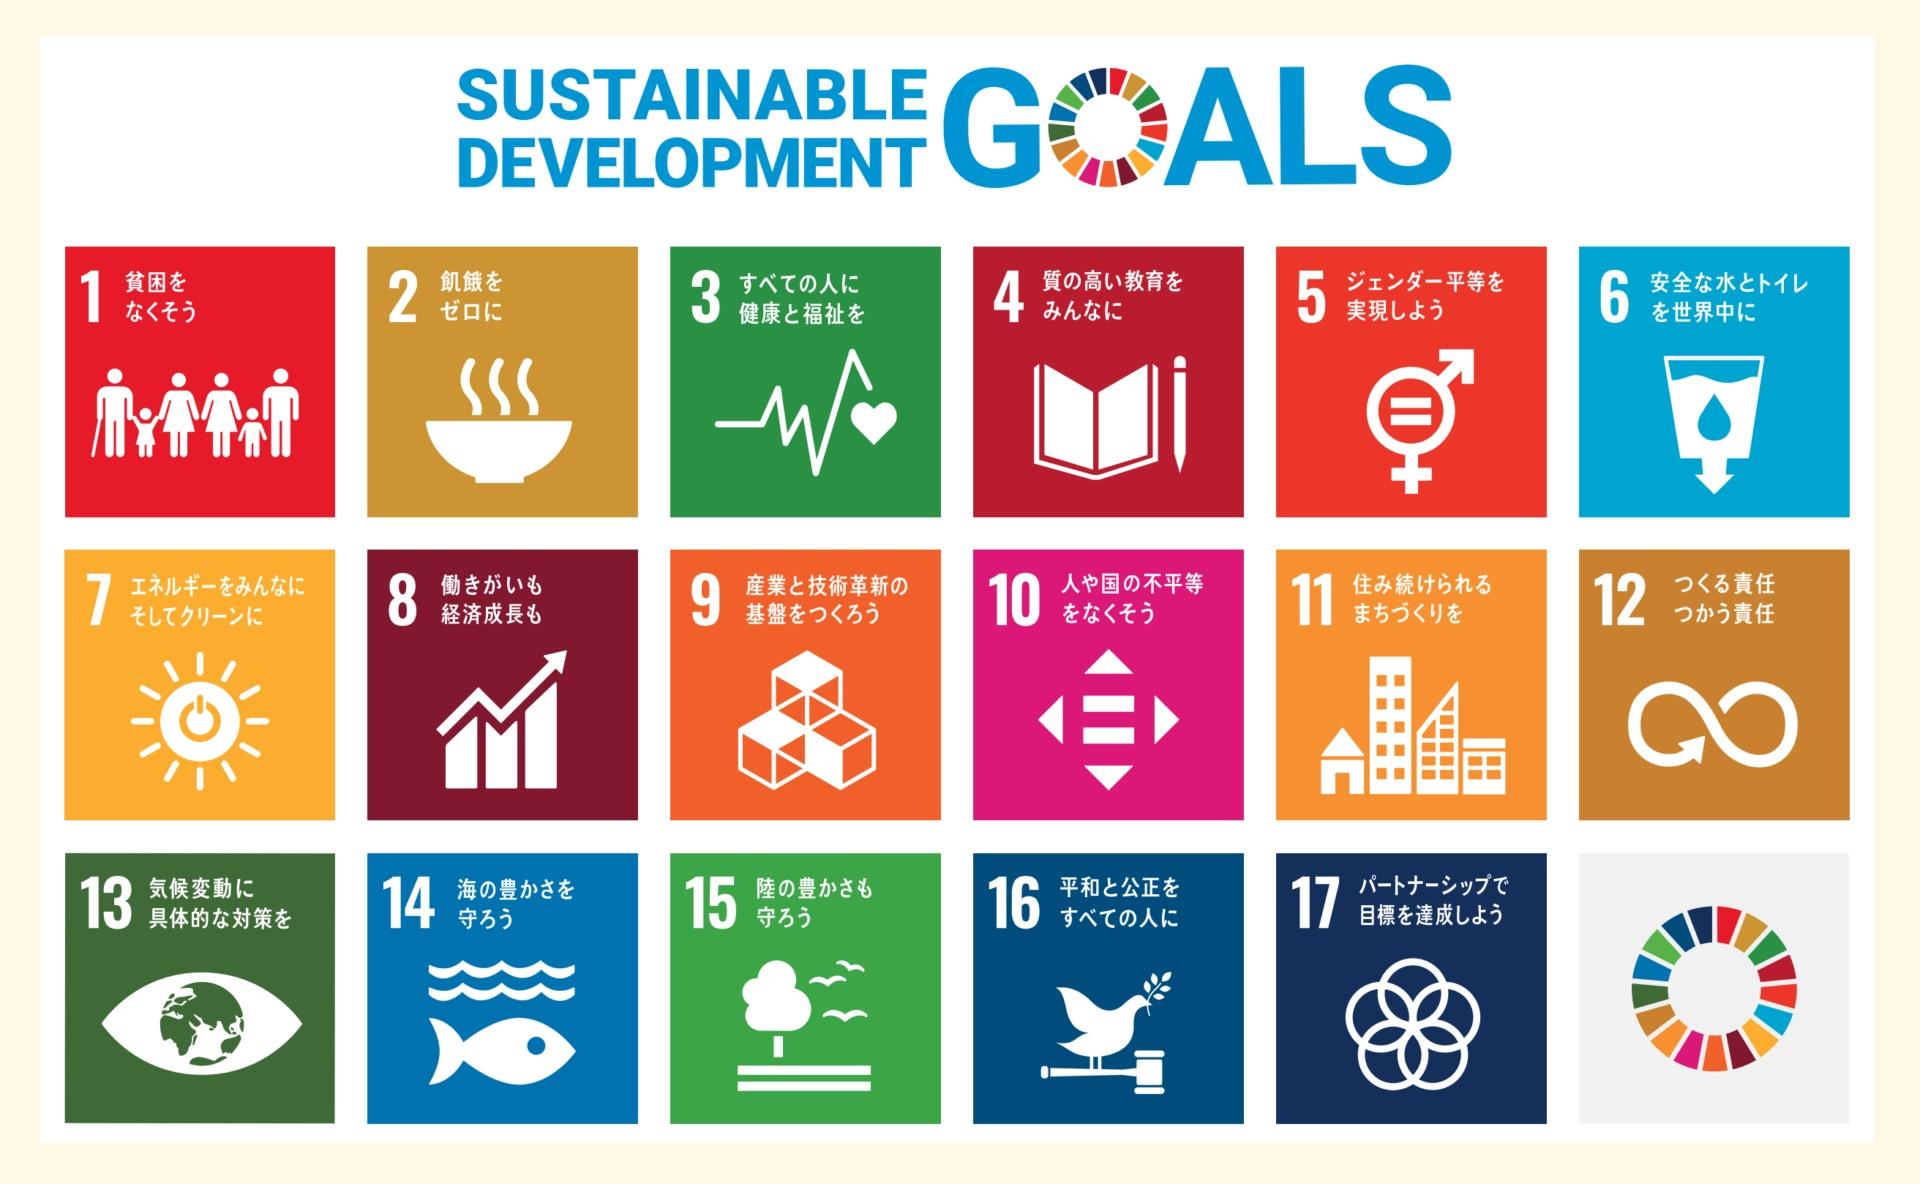 SDGsのアイコン群